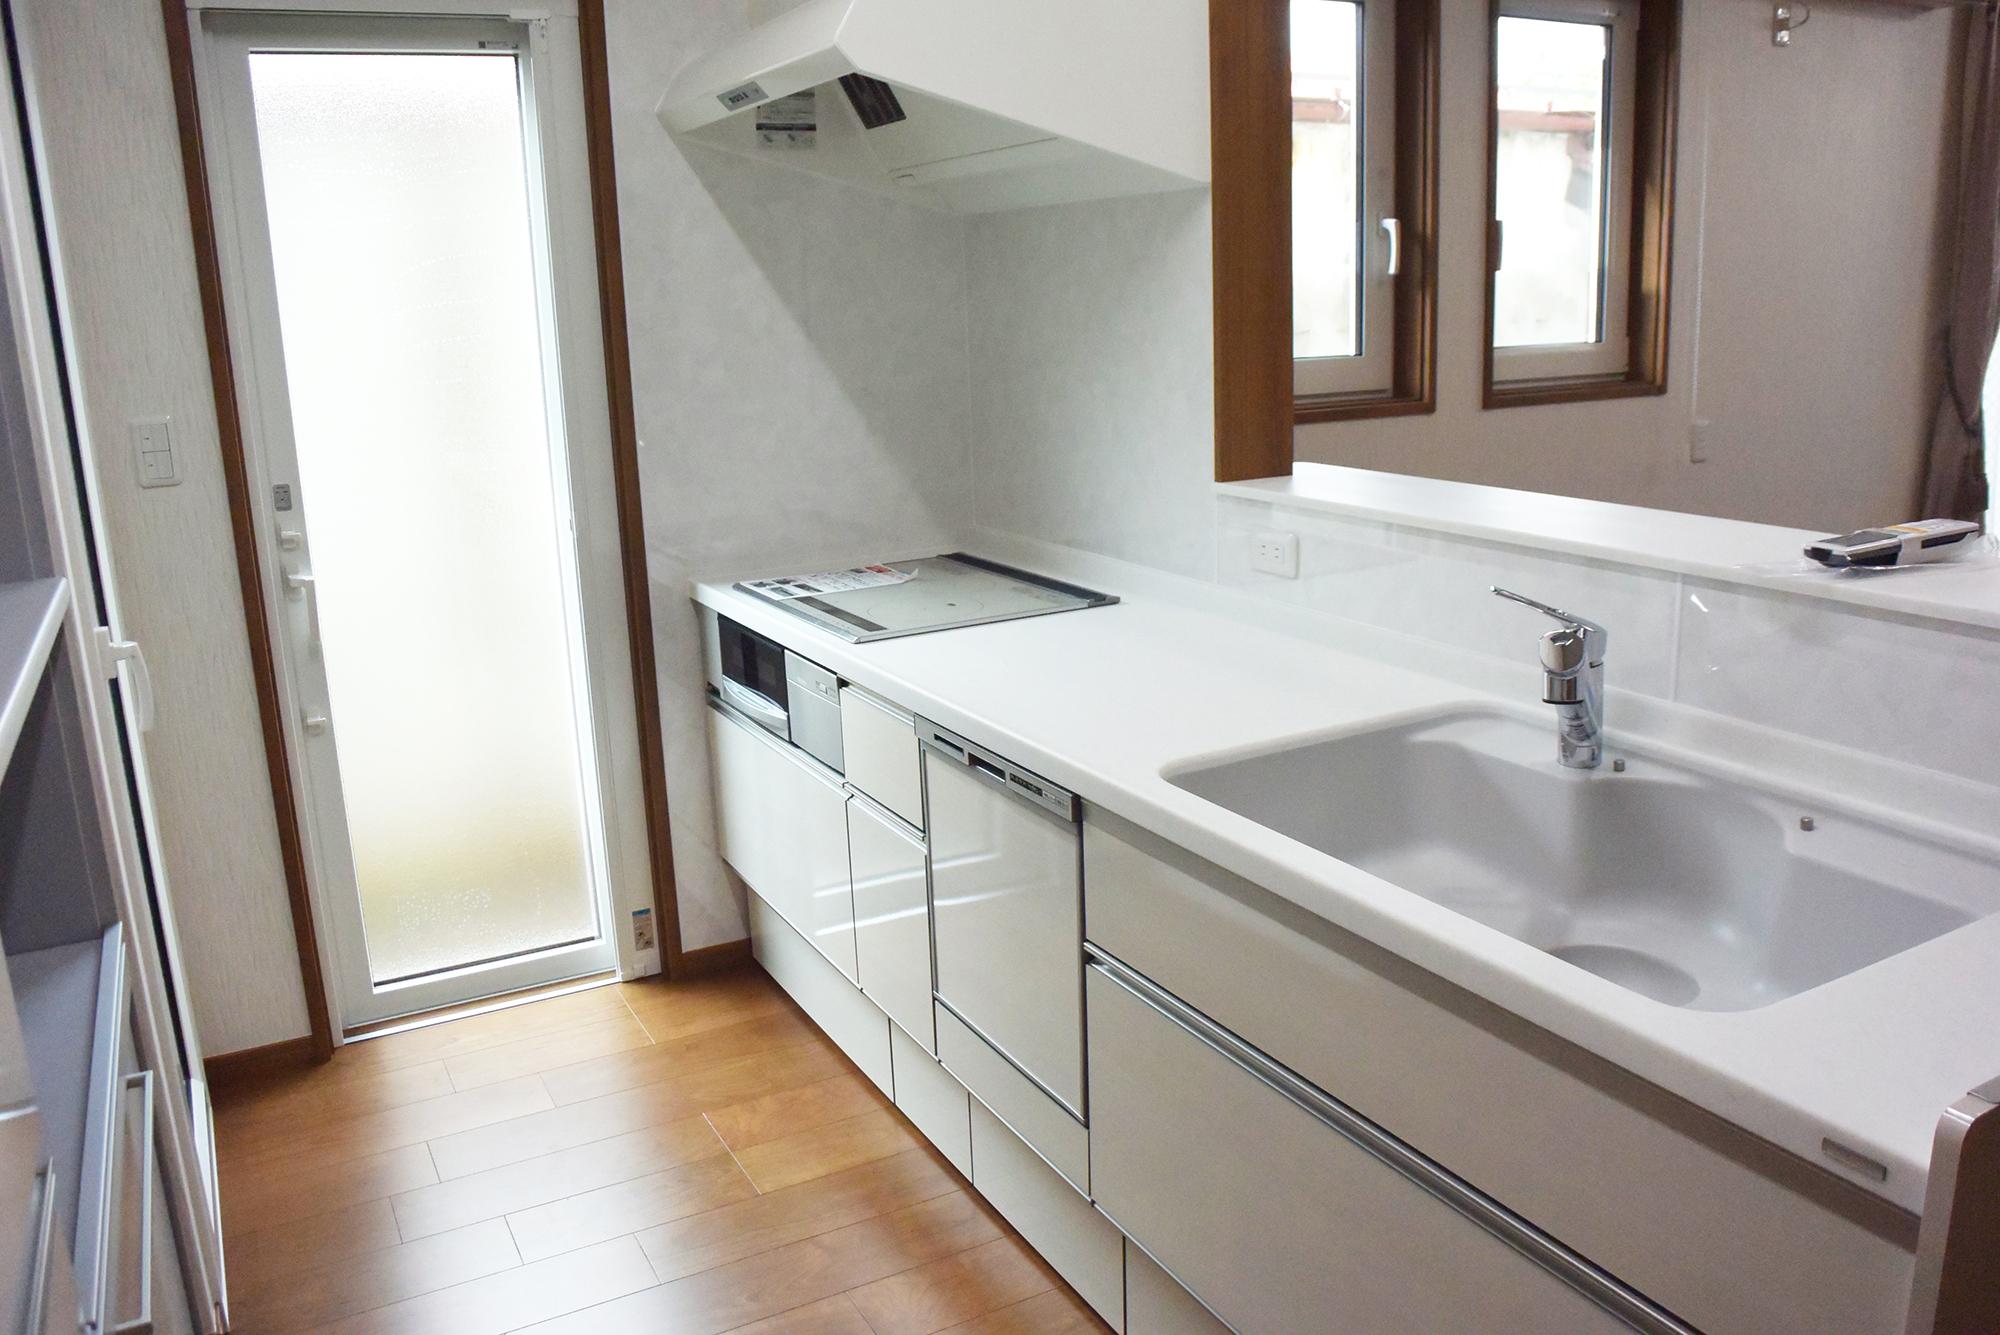 システムキッチンはきれいな白色を選択。清潔感があふれています。